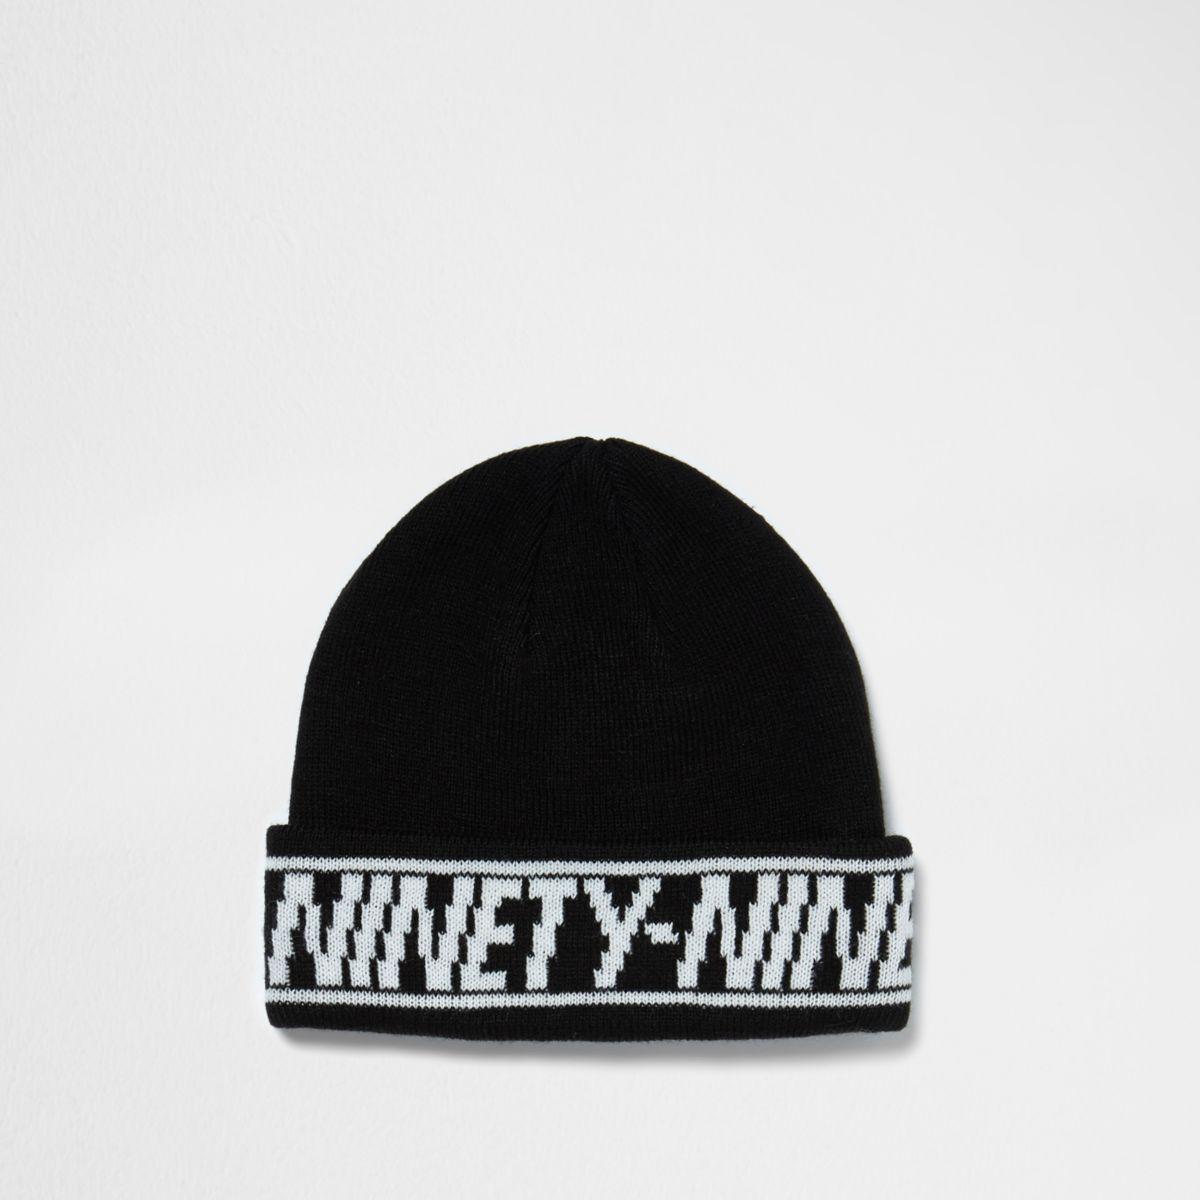 Bonnet de pêcheur noir avec revers à inscription « Ninety nine»